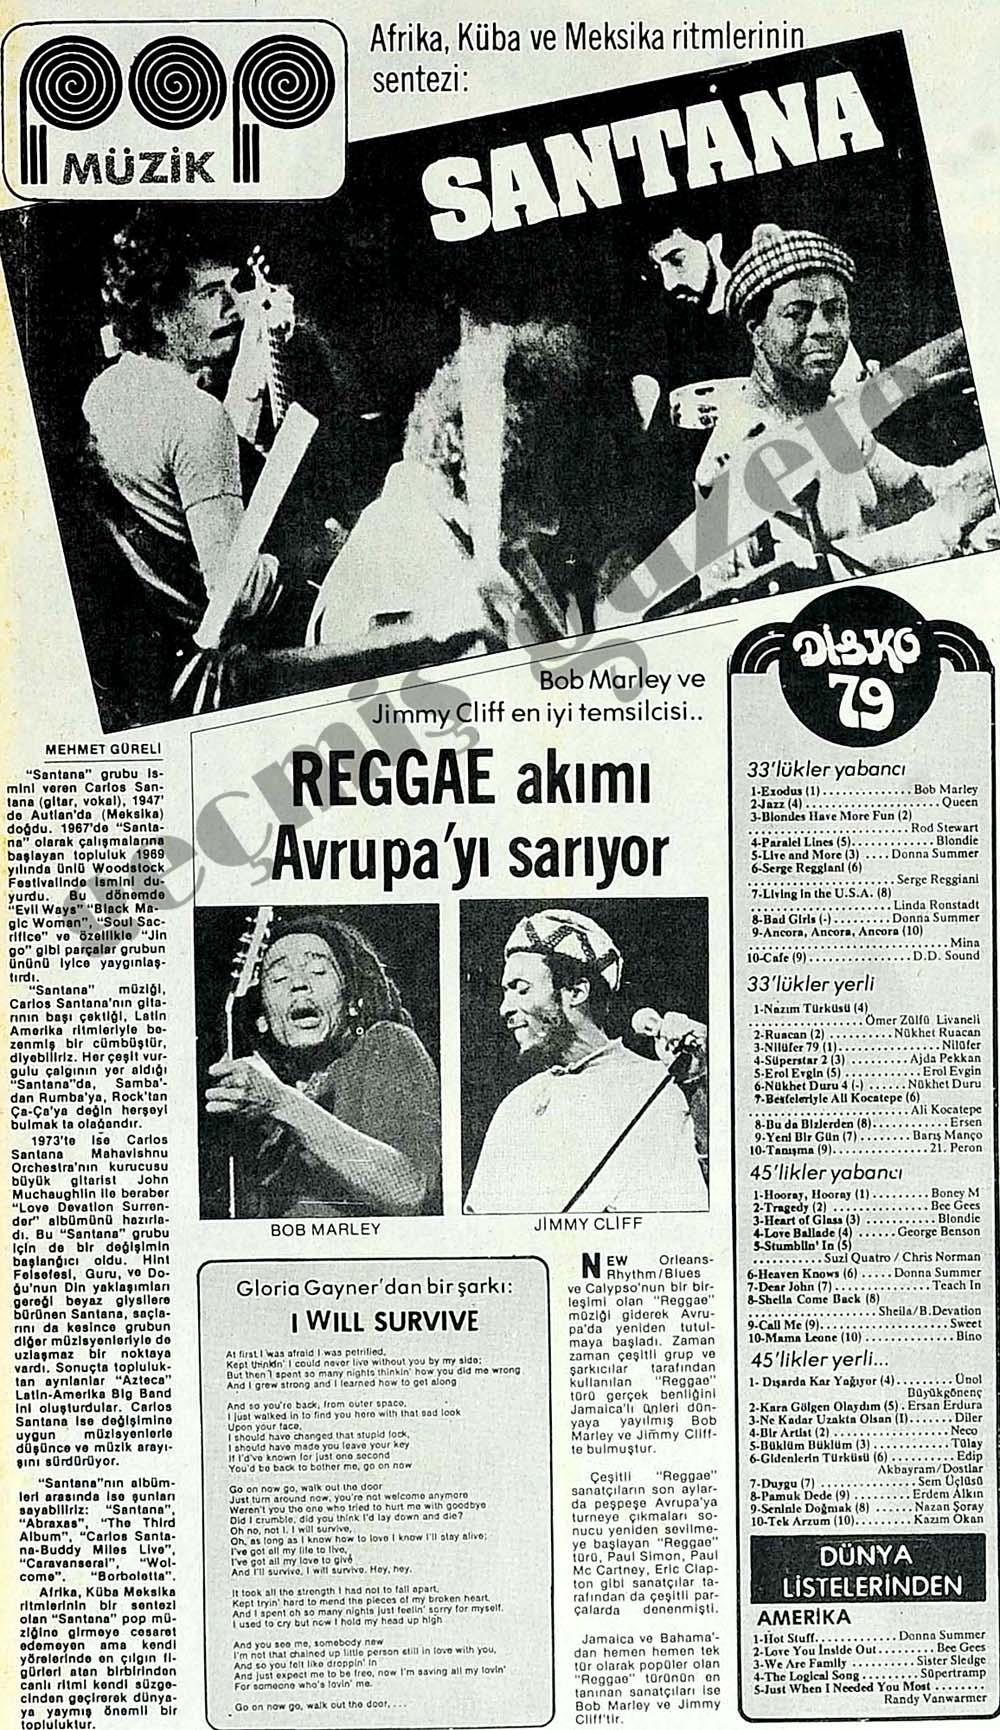 Reggae akımı